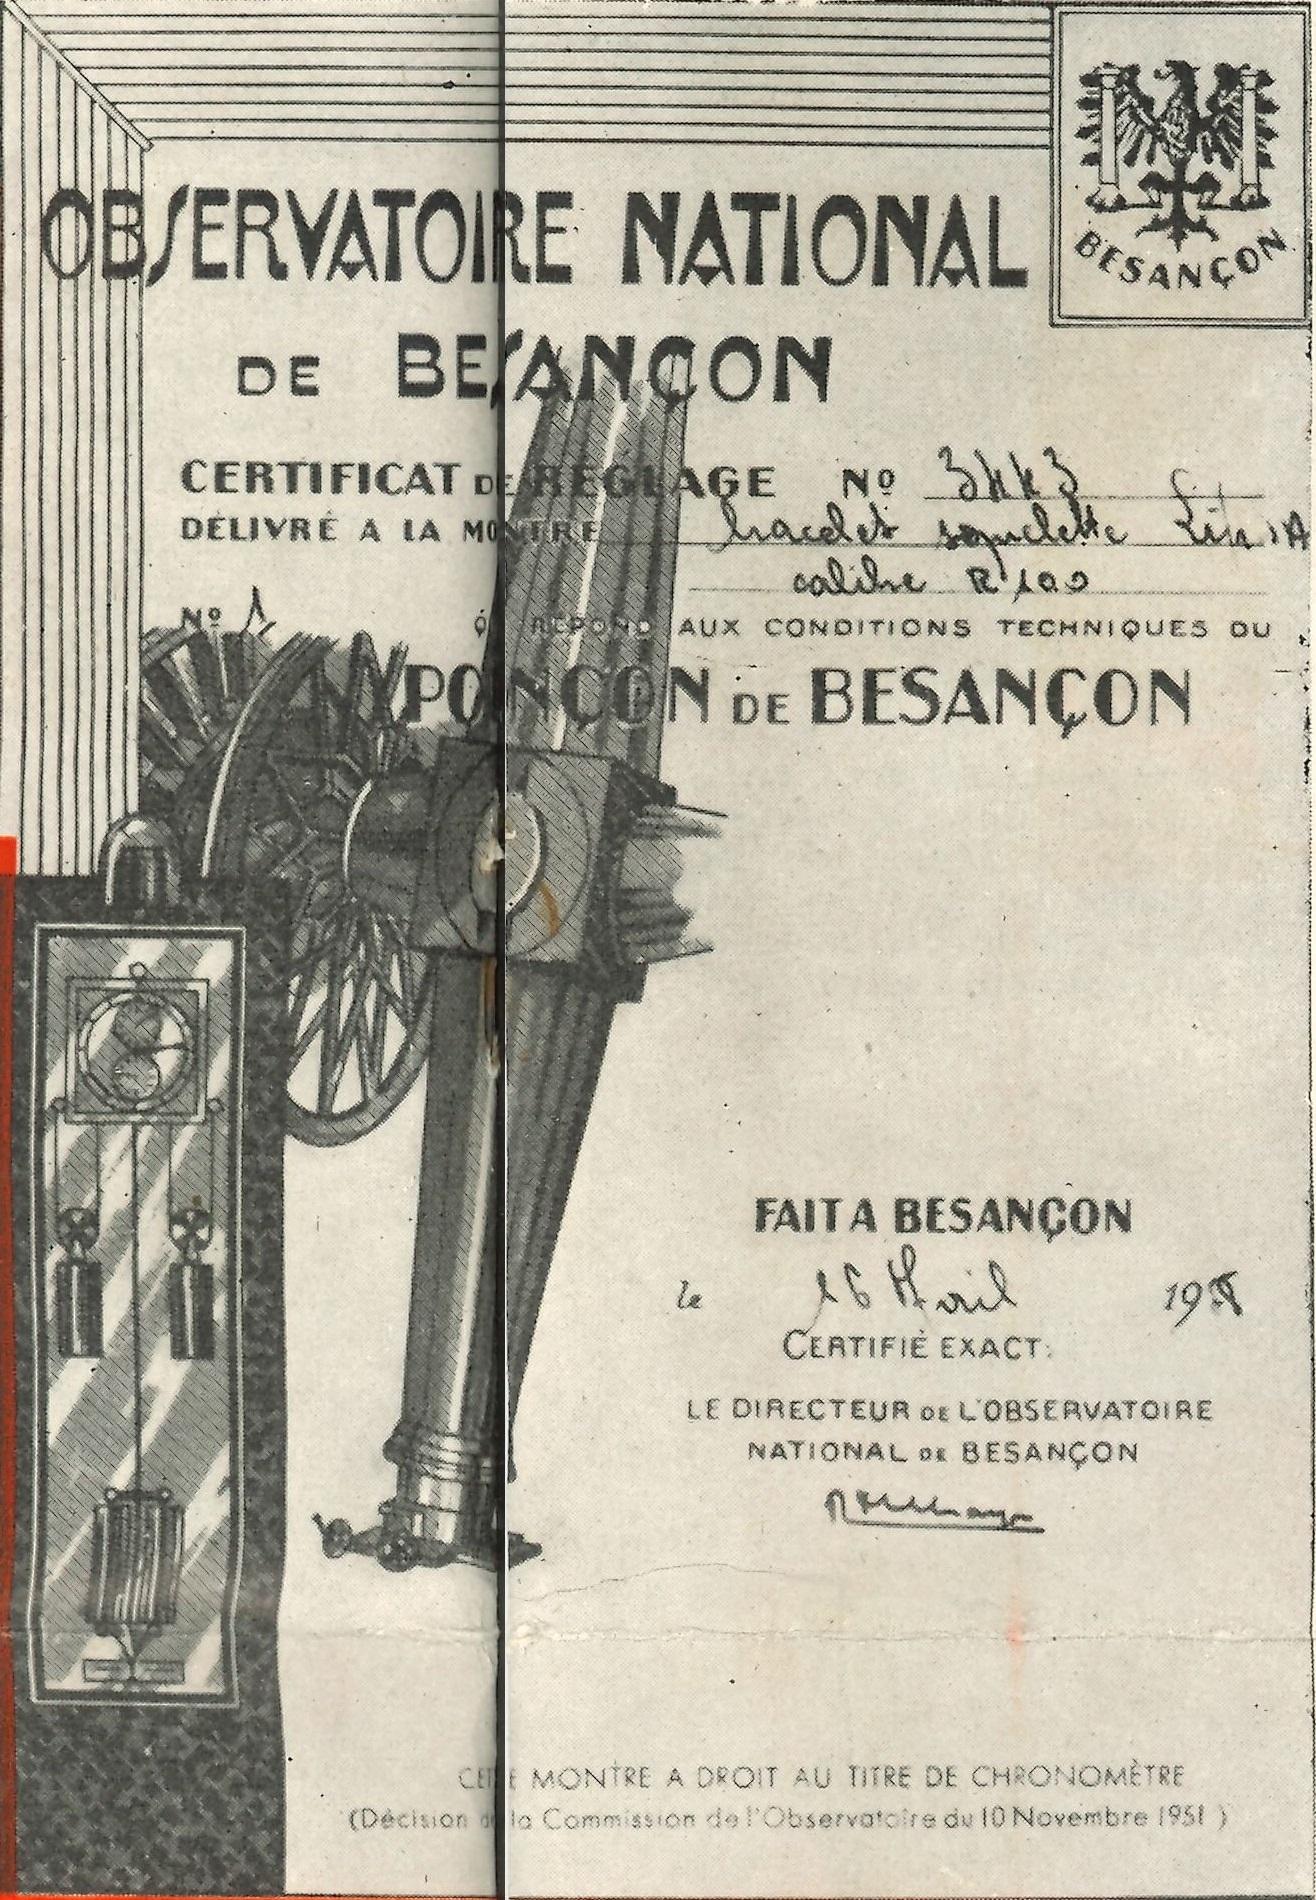 Bulletin Lip N° 25 Juillet 1958 Certificat chronométre Observatoire National de Besançon